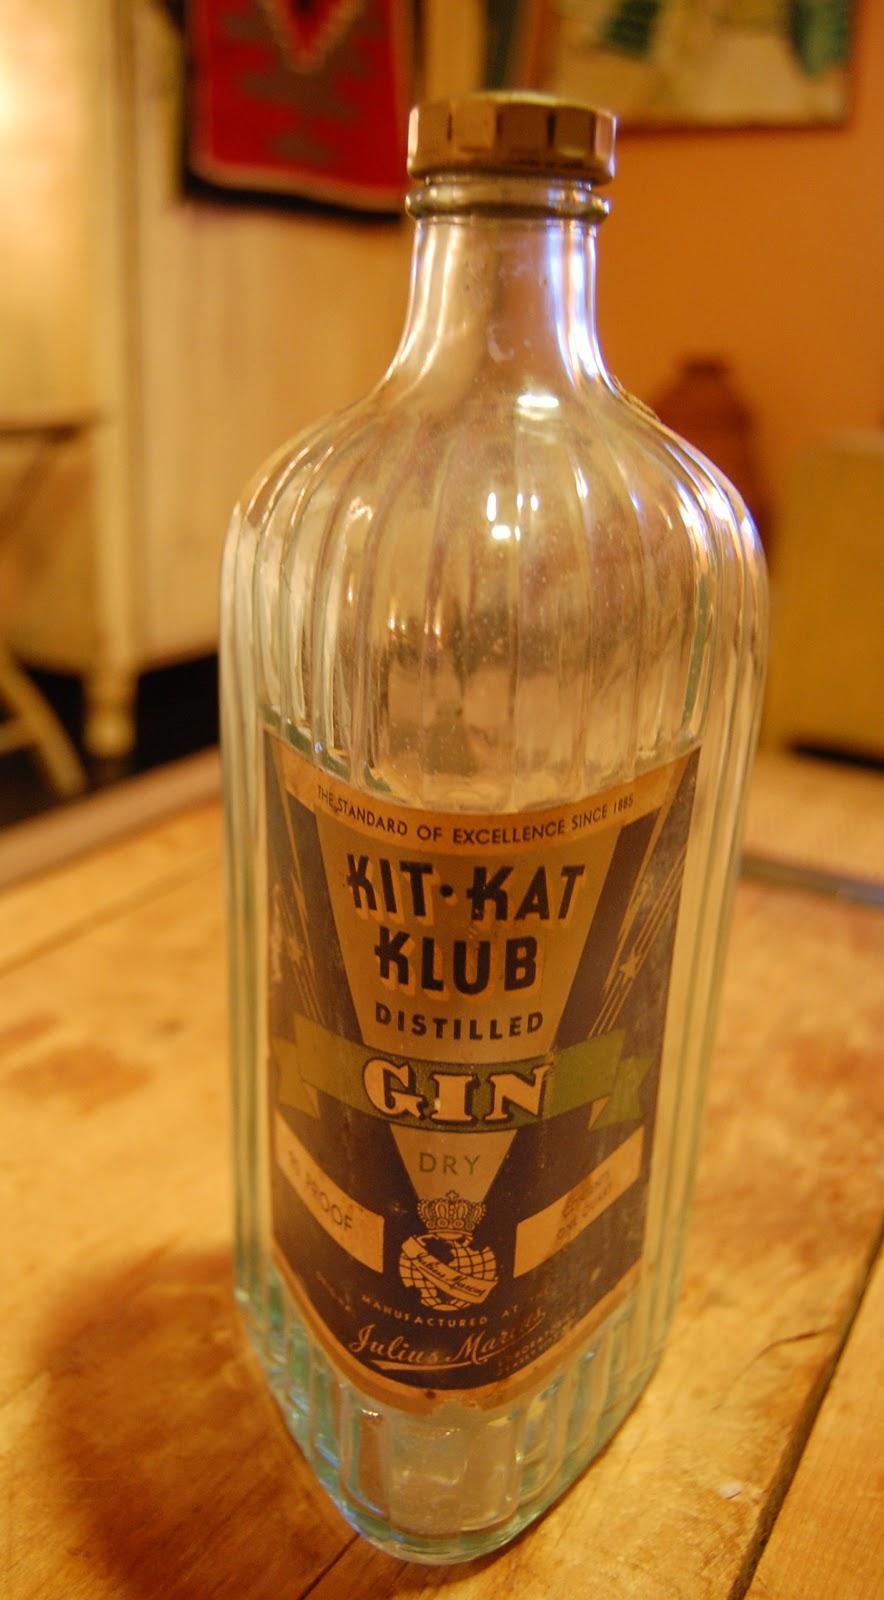 Wunderful things kit kat club gin art deco liquor bottle for Liquor bottle art